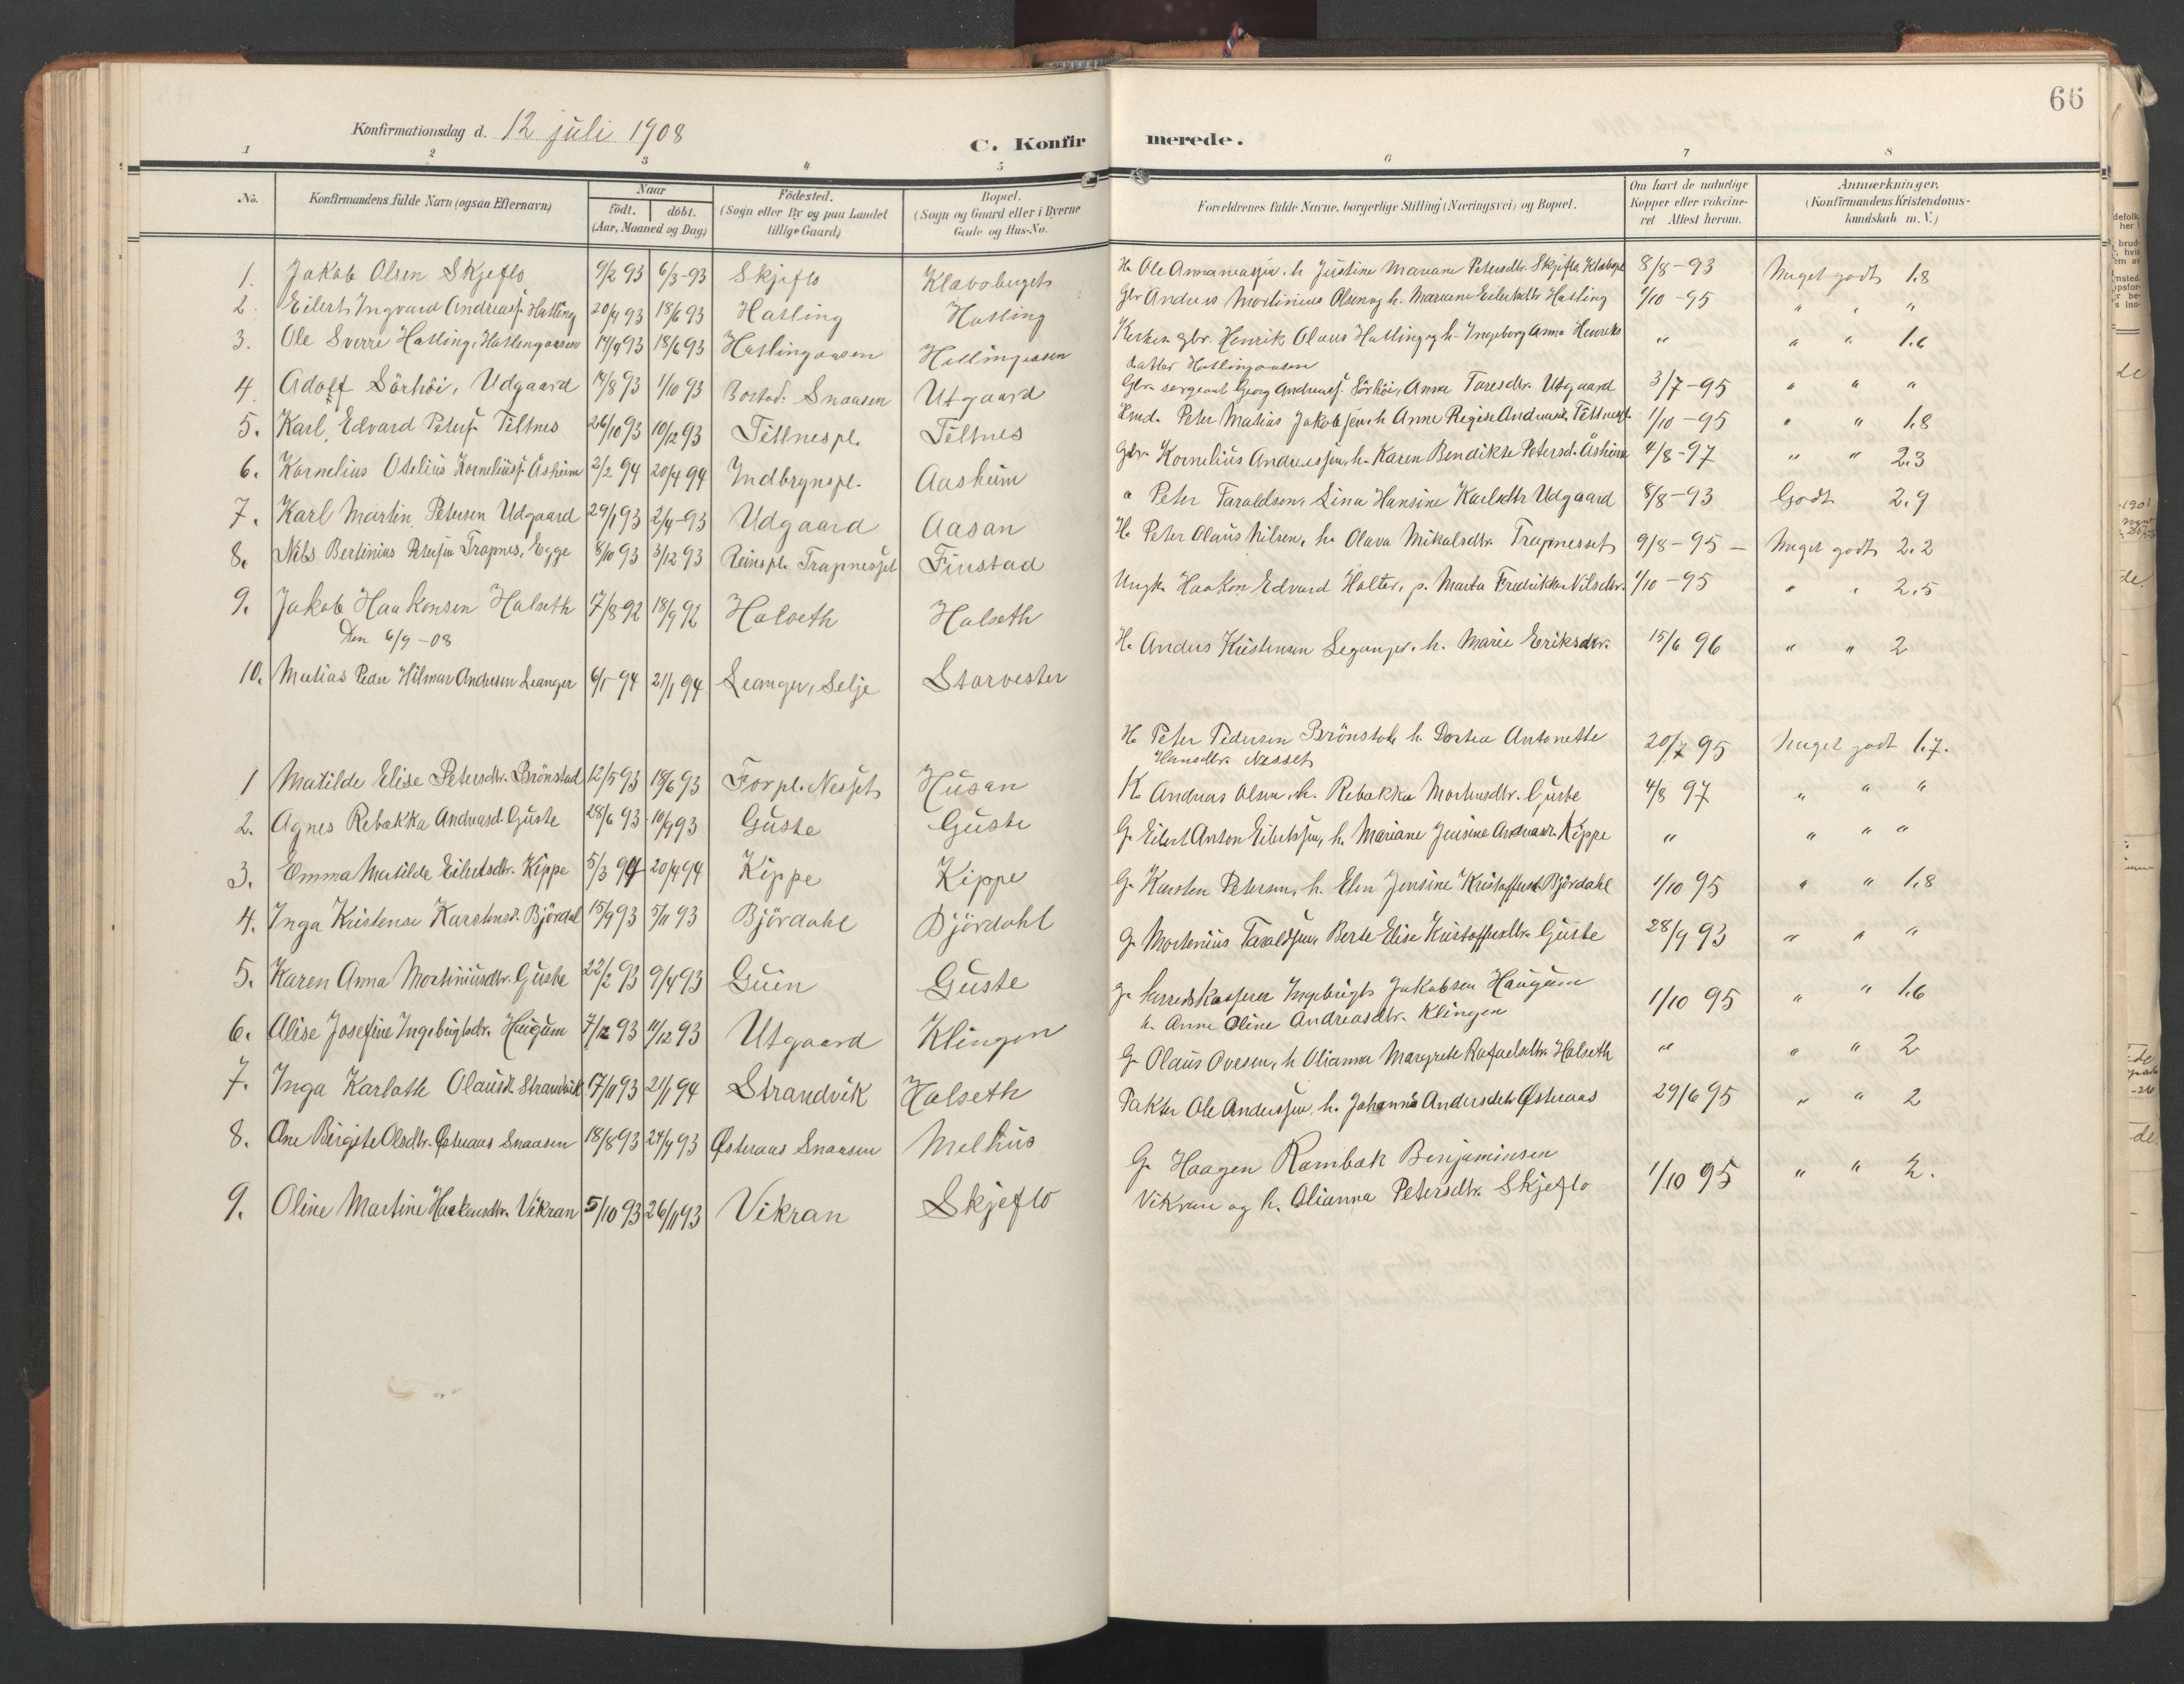 SAT, Ministerialprotokoller, klokkerbøker og fødselsregistre - Nord-Trøndelag, 746/L0455: Klokkerbok nr. 746C01, 1908-1933, s. 66